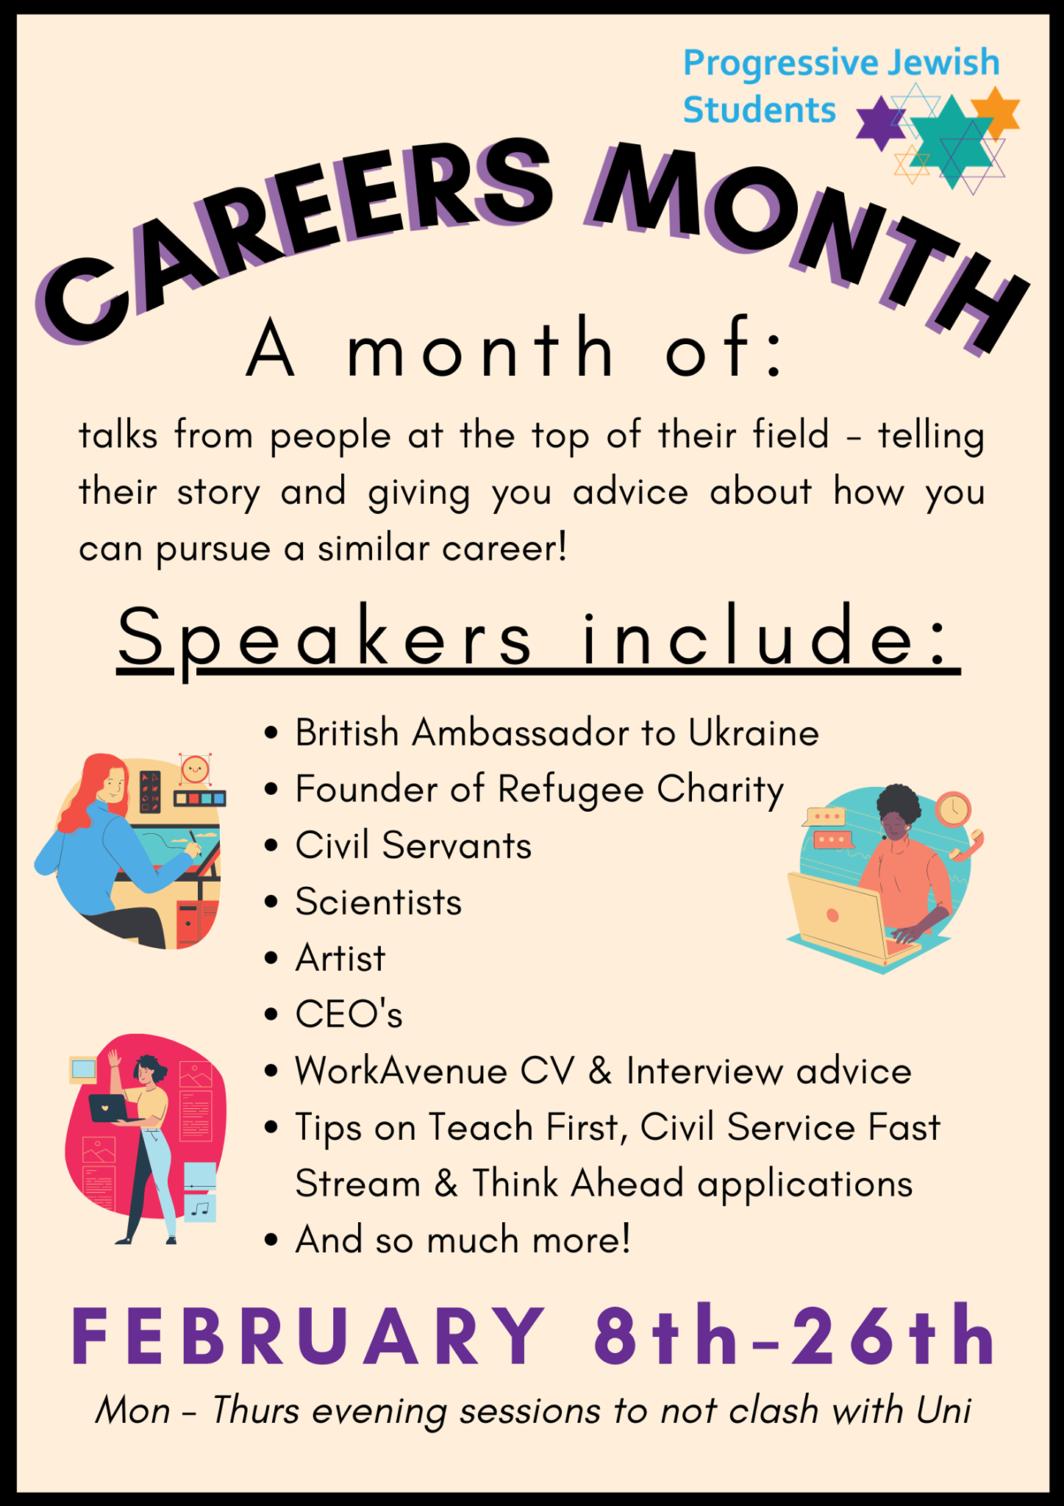 PJS Careers Month